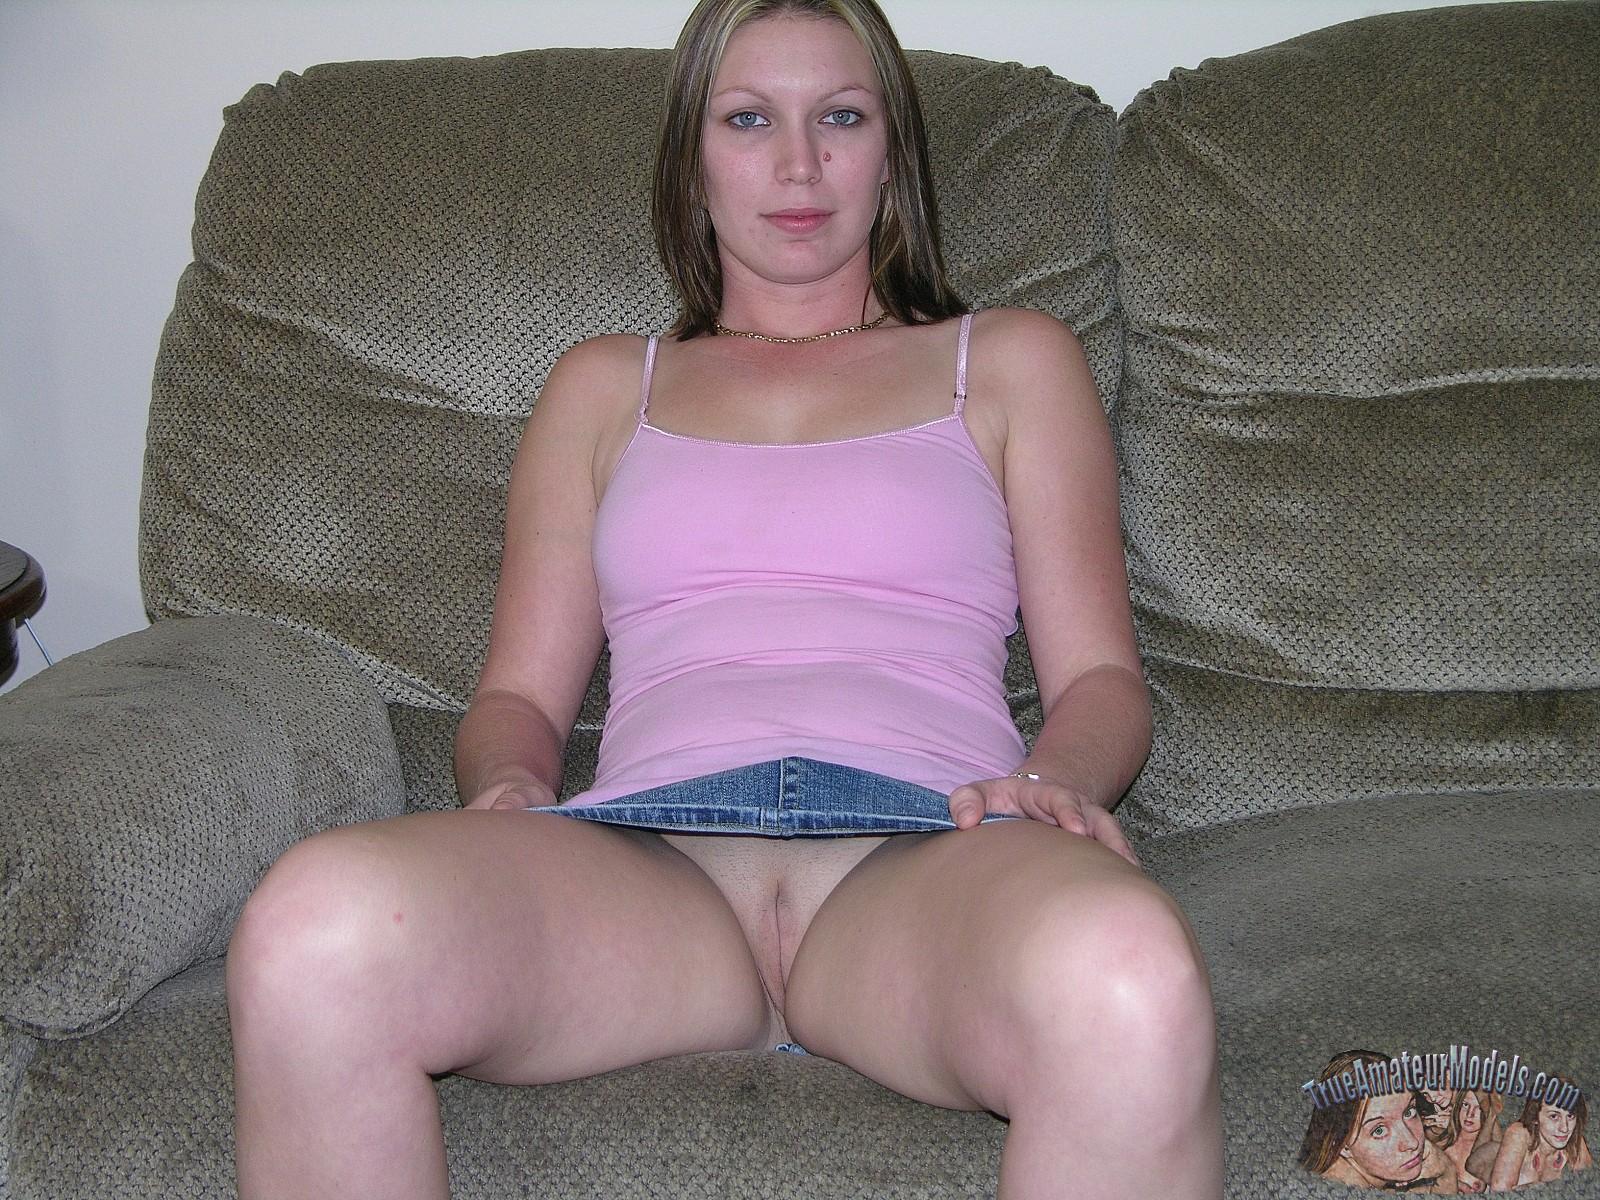 Nude cj miles lesbian